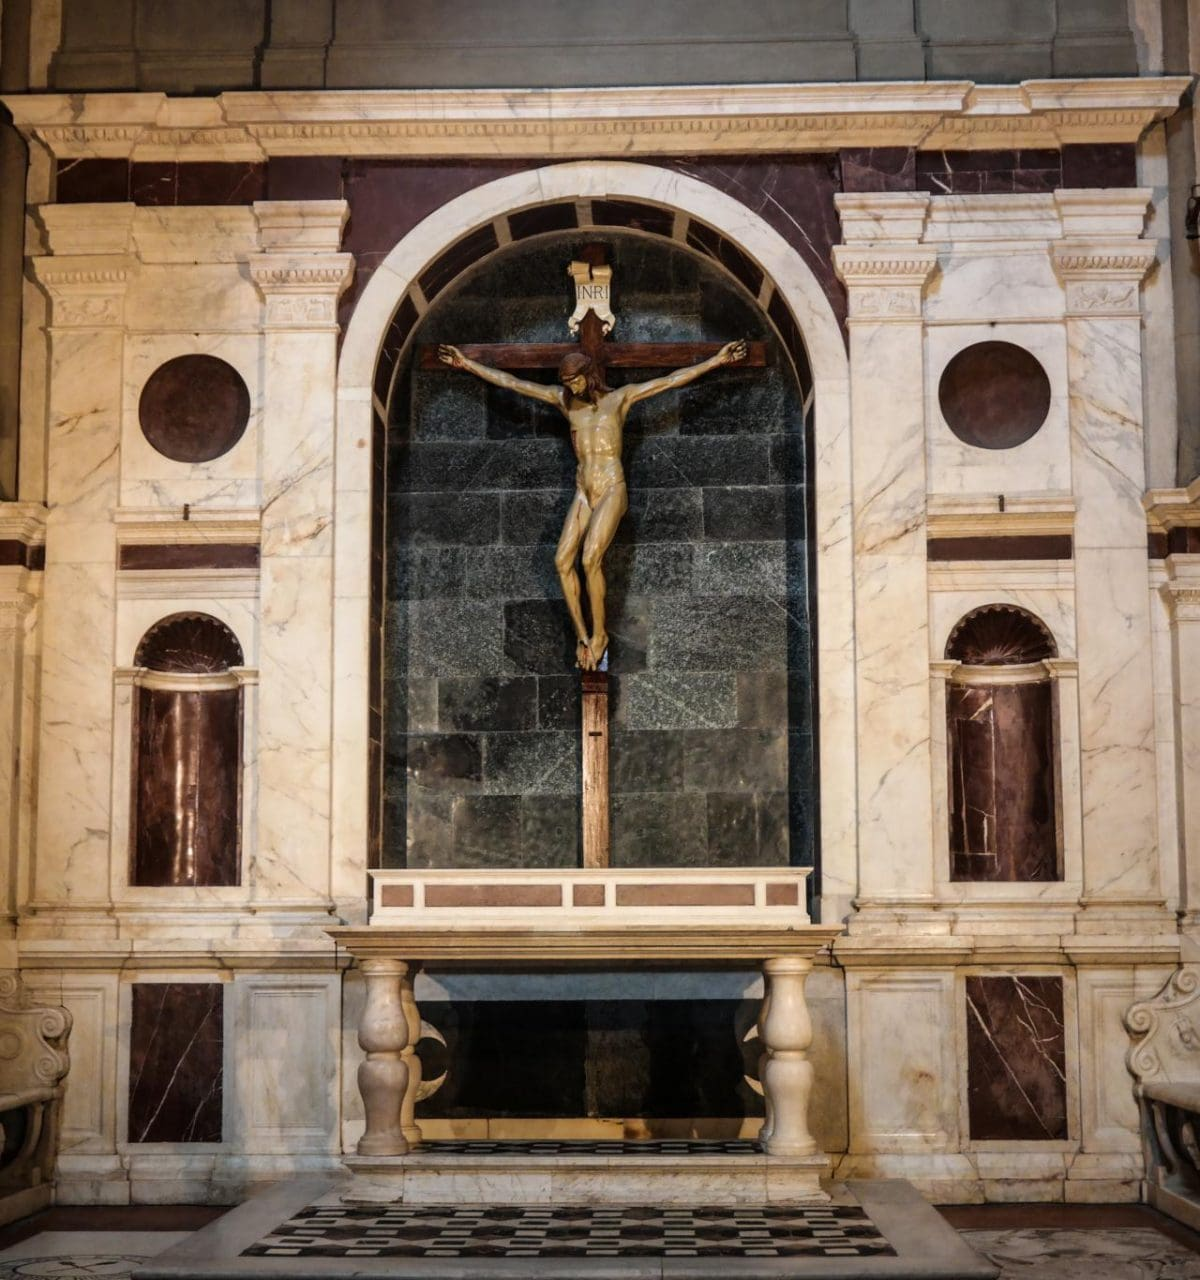 이탈리아 여행, 피렌체, 산타 마리아 노벨라성당, 곤디 예배당 (Gondi Chapel)의 브르넬리스키 십자가, © All Rights Reserved - Choi dongsoon